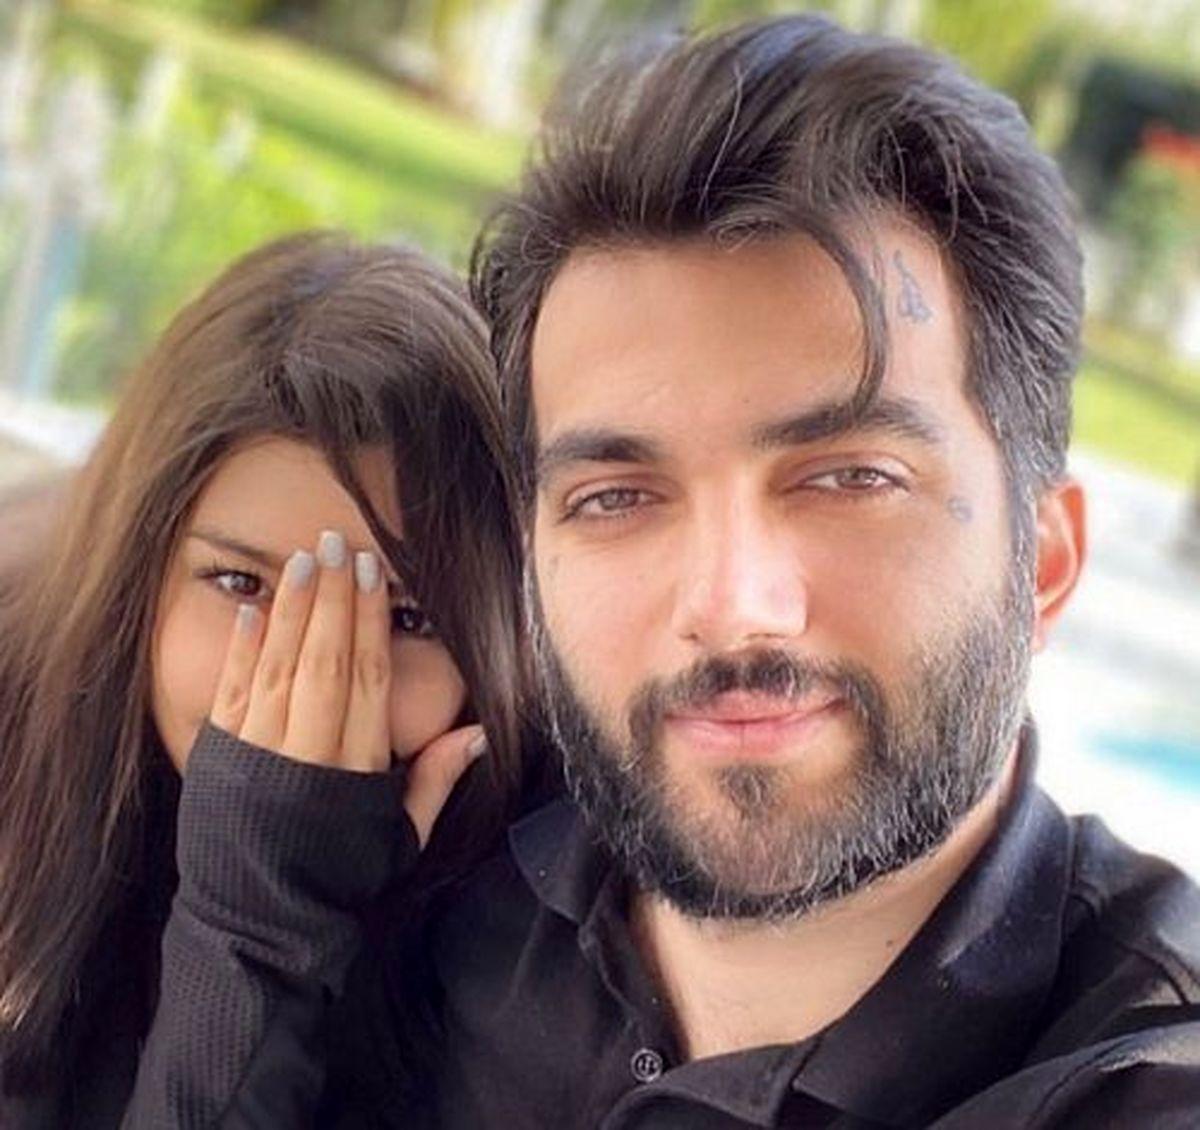 نيلي افشار عکس آرون افشار و همسرش